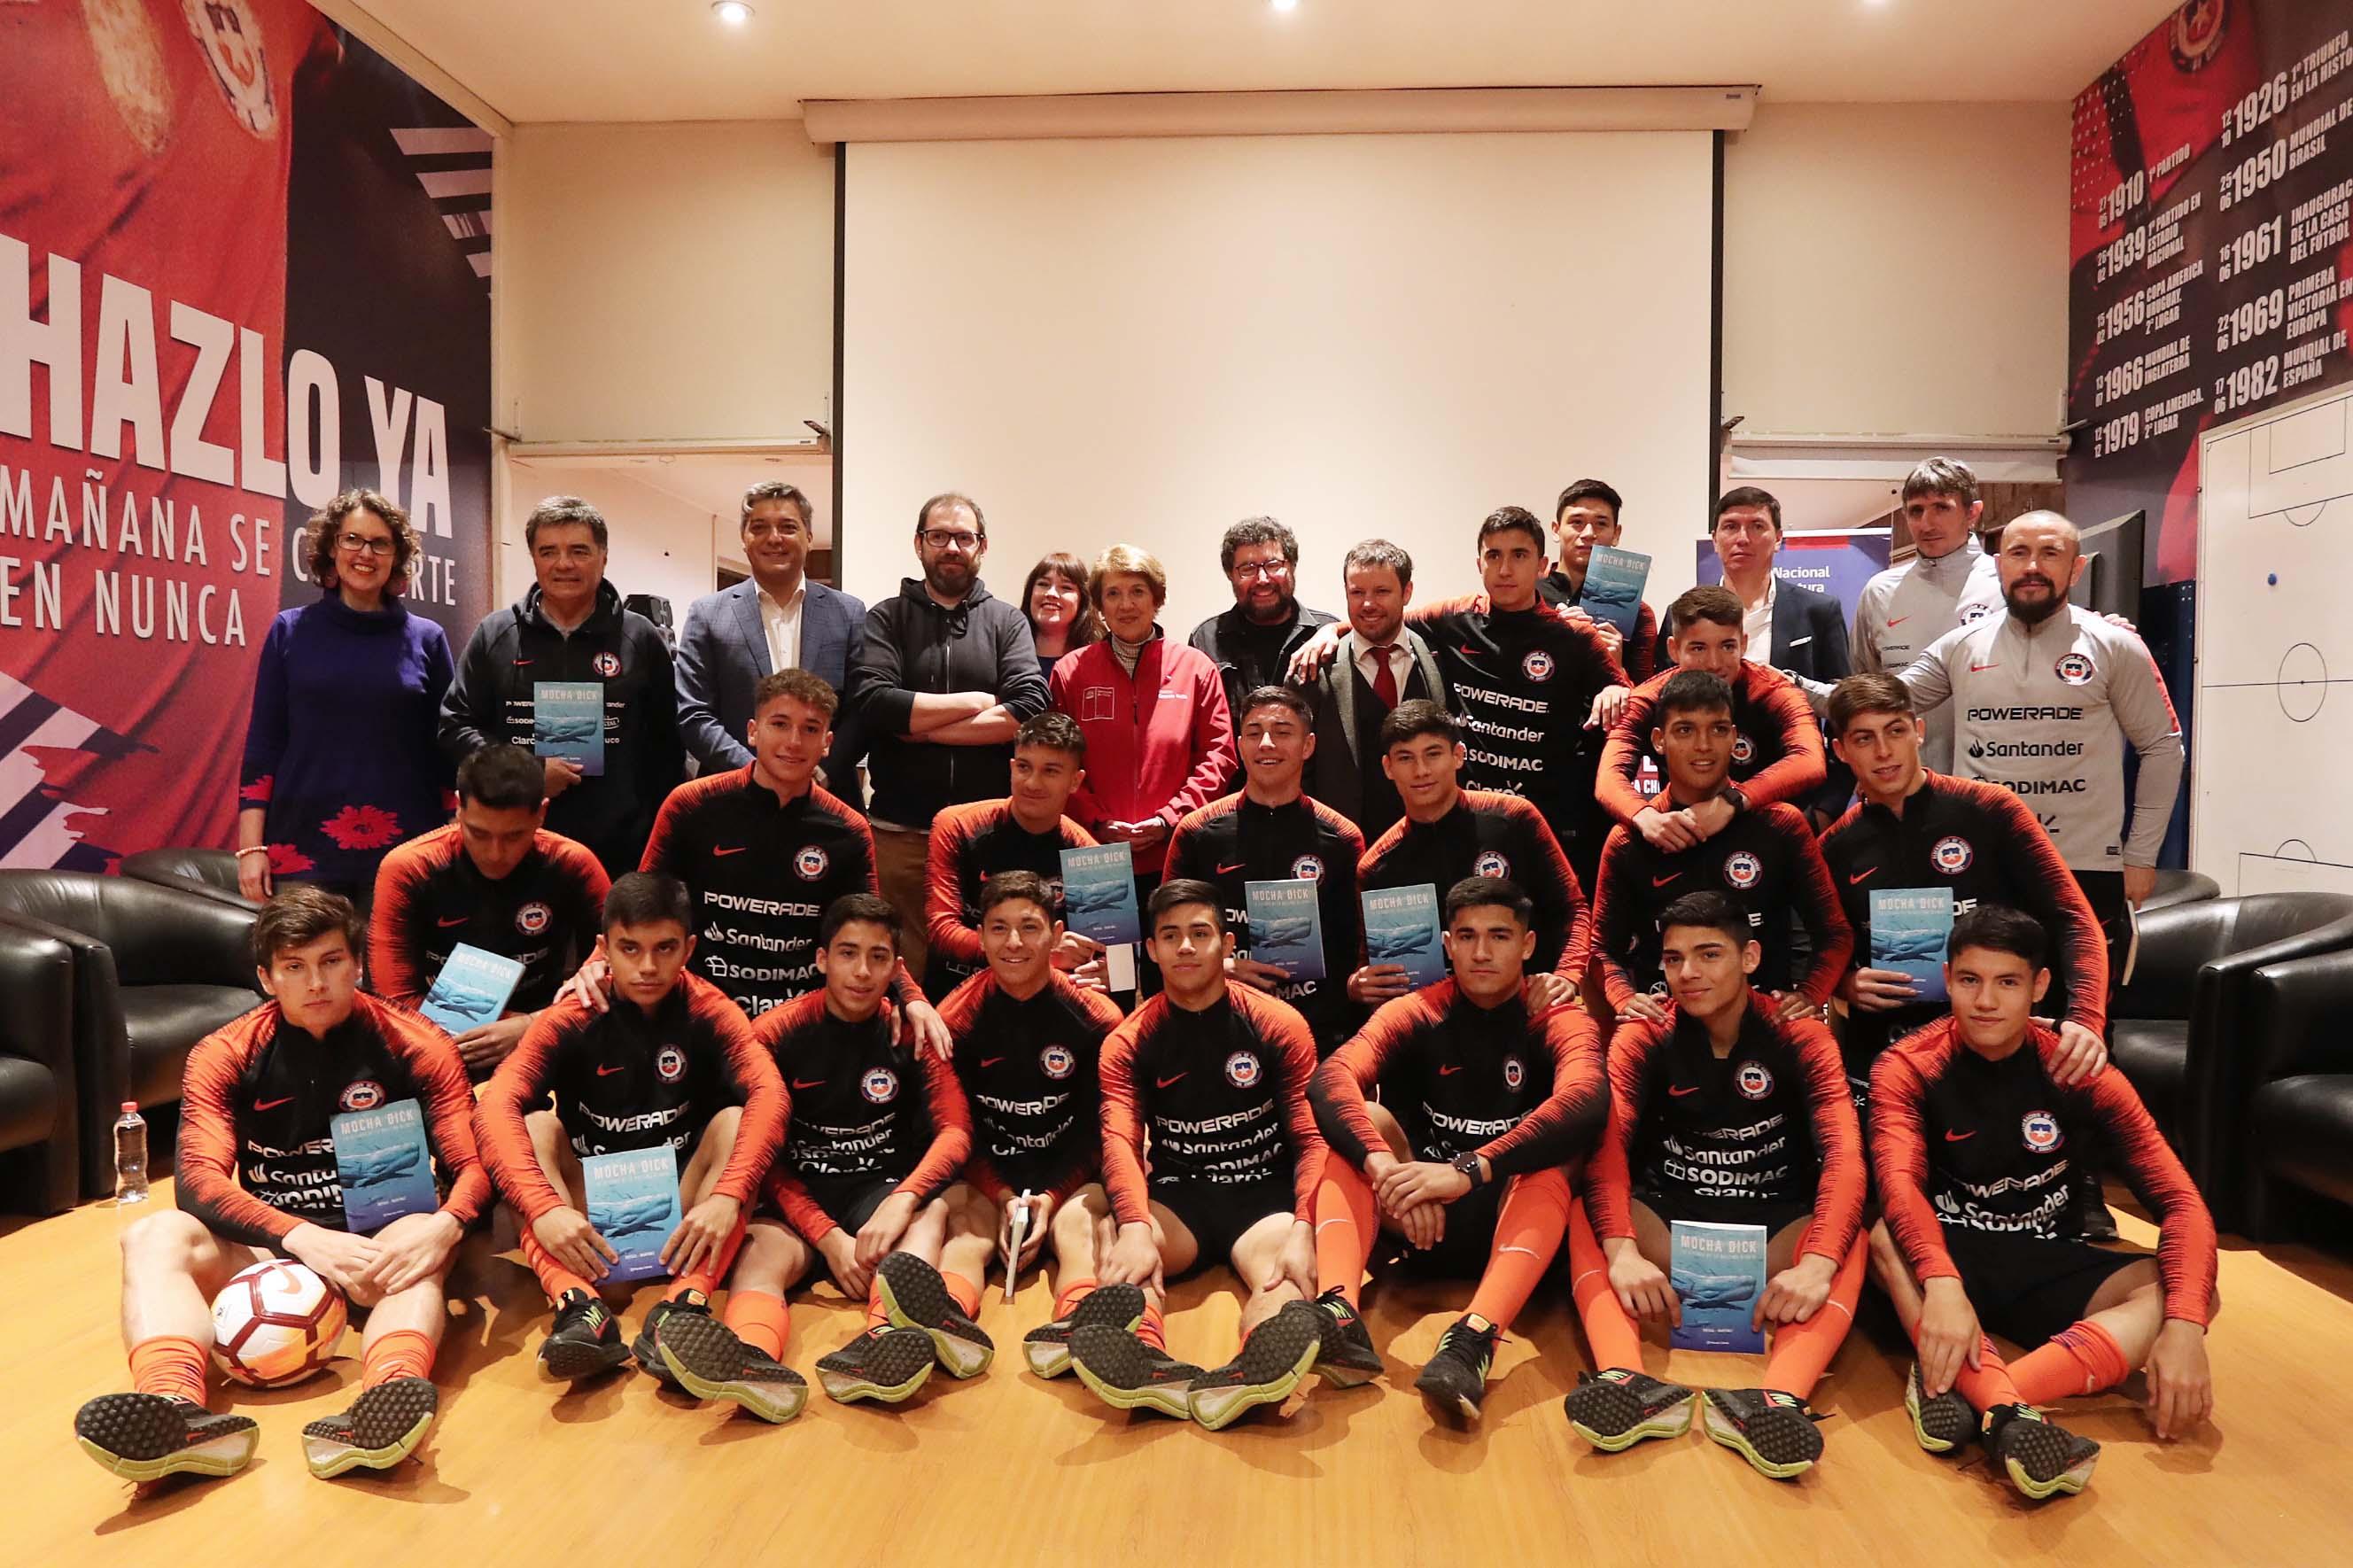 Selección Chilena sub 17 participa en programa de lectura del Ministerio de las Culturas